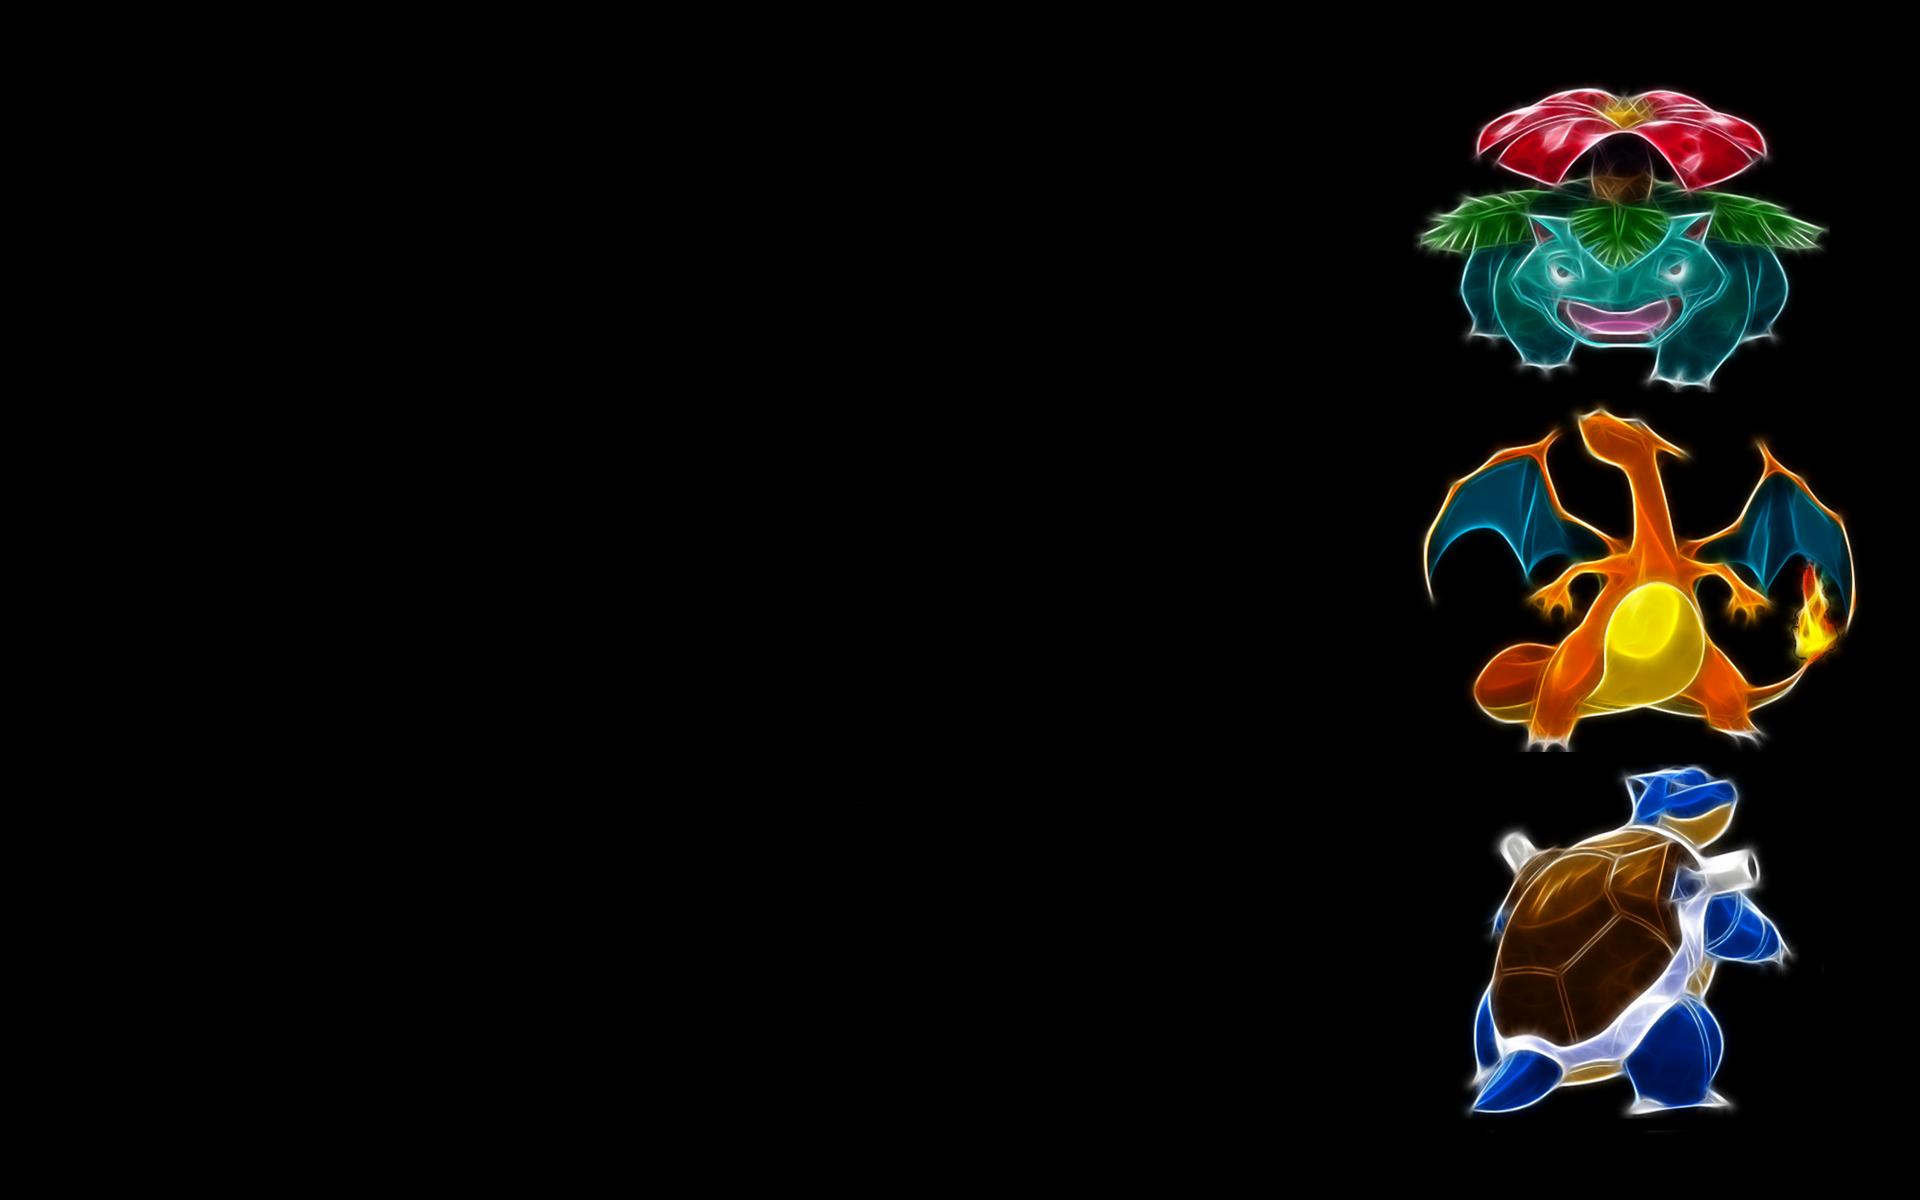 Cute Charmander Wallpaper Pokemon Charizard Hd Desktop Backgrounds Pixelstalk Net